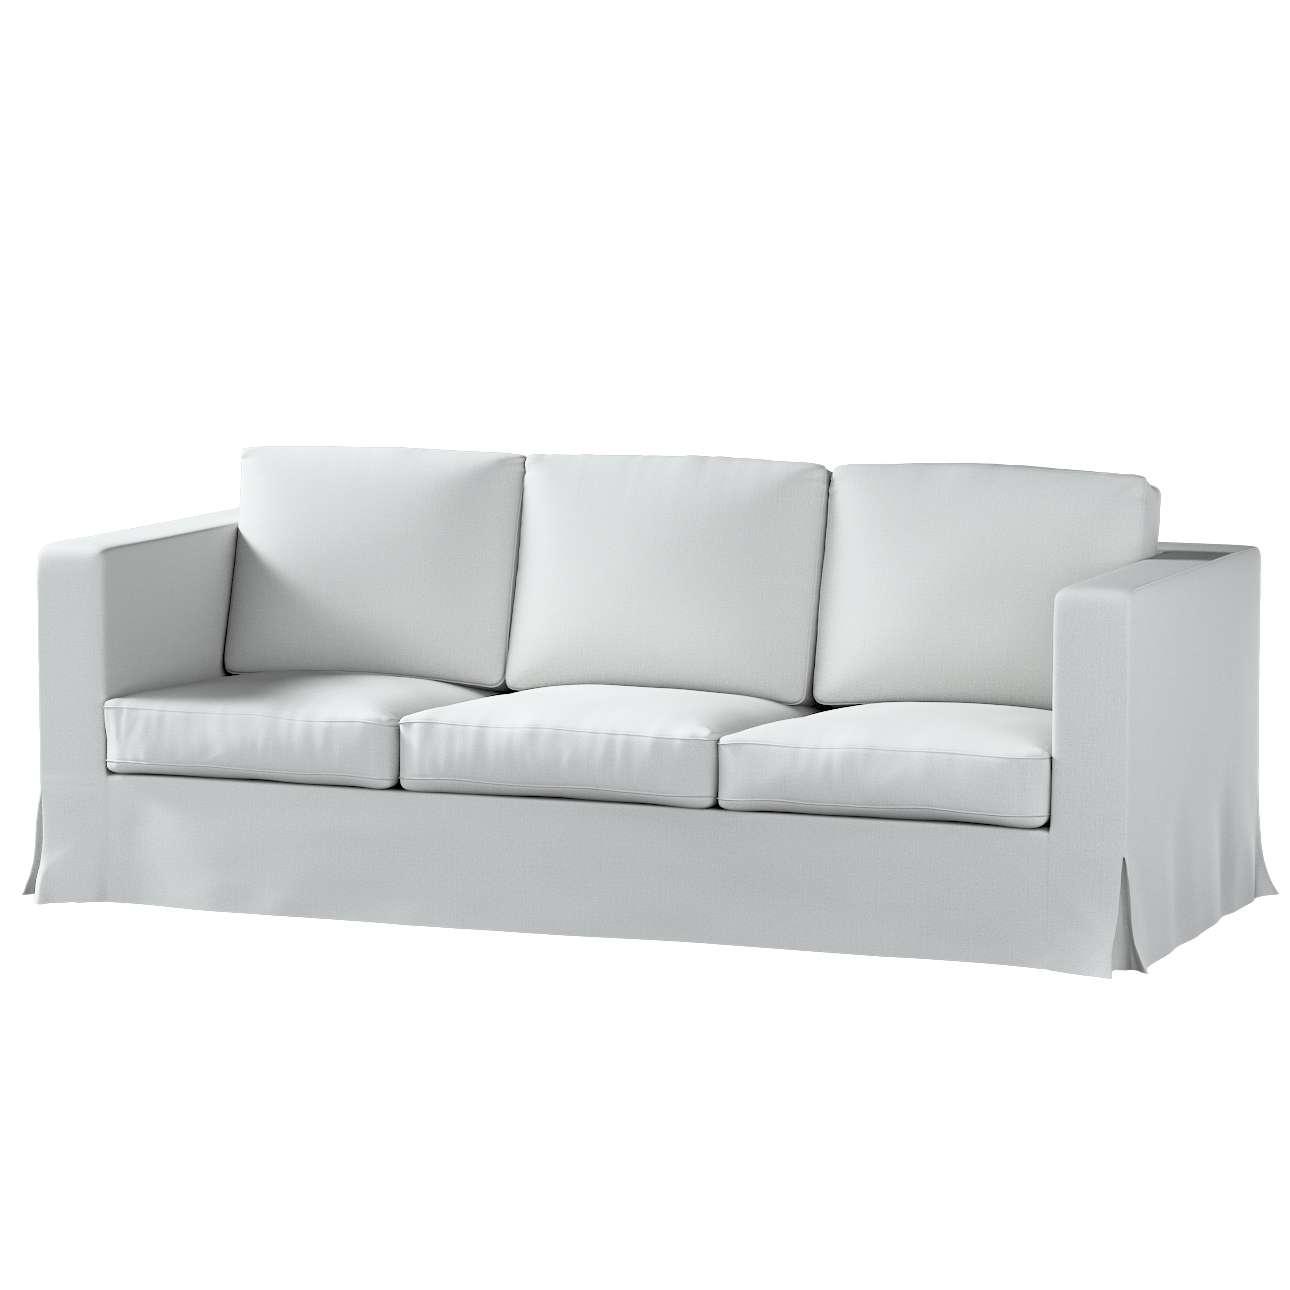 Bezug für Karlanda 3-Sitzer Sofa nicht ausklappbar, lang von der Kollektion Living II, Stoff: 161-18